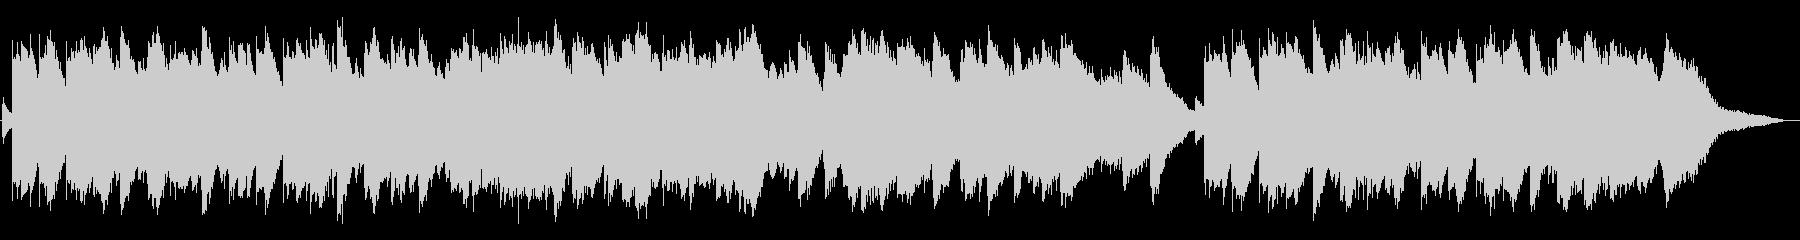 穏やかで切ないメロディー・ハープソロの未再生の波形